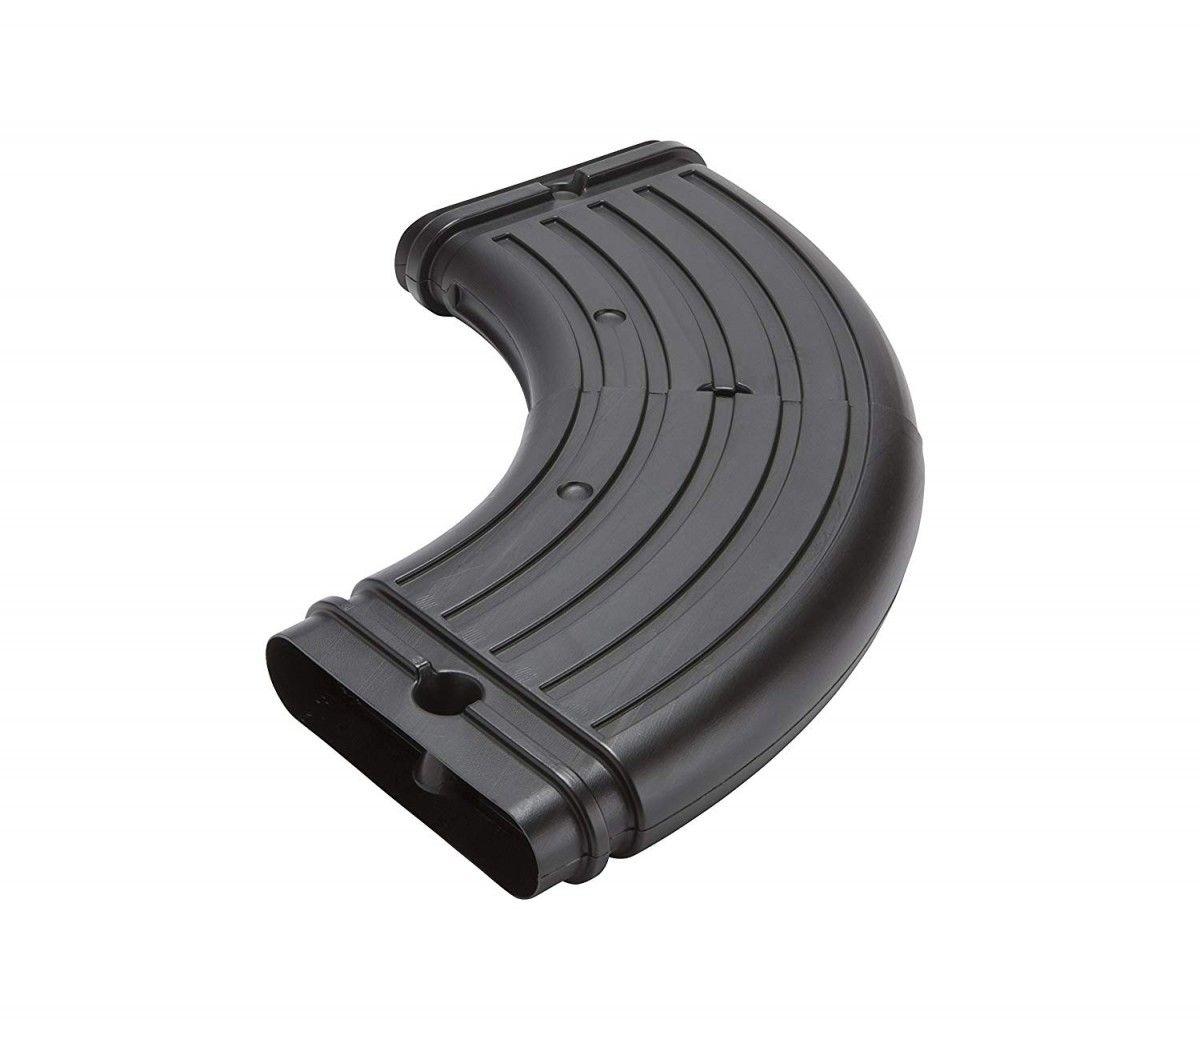 Amerimax 4631 Stealthflow Low Profile Downspout Adjustable Elbow Black Downspout Downspout Drainage Drainage